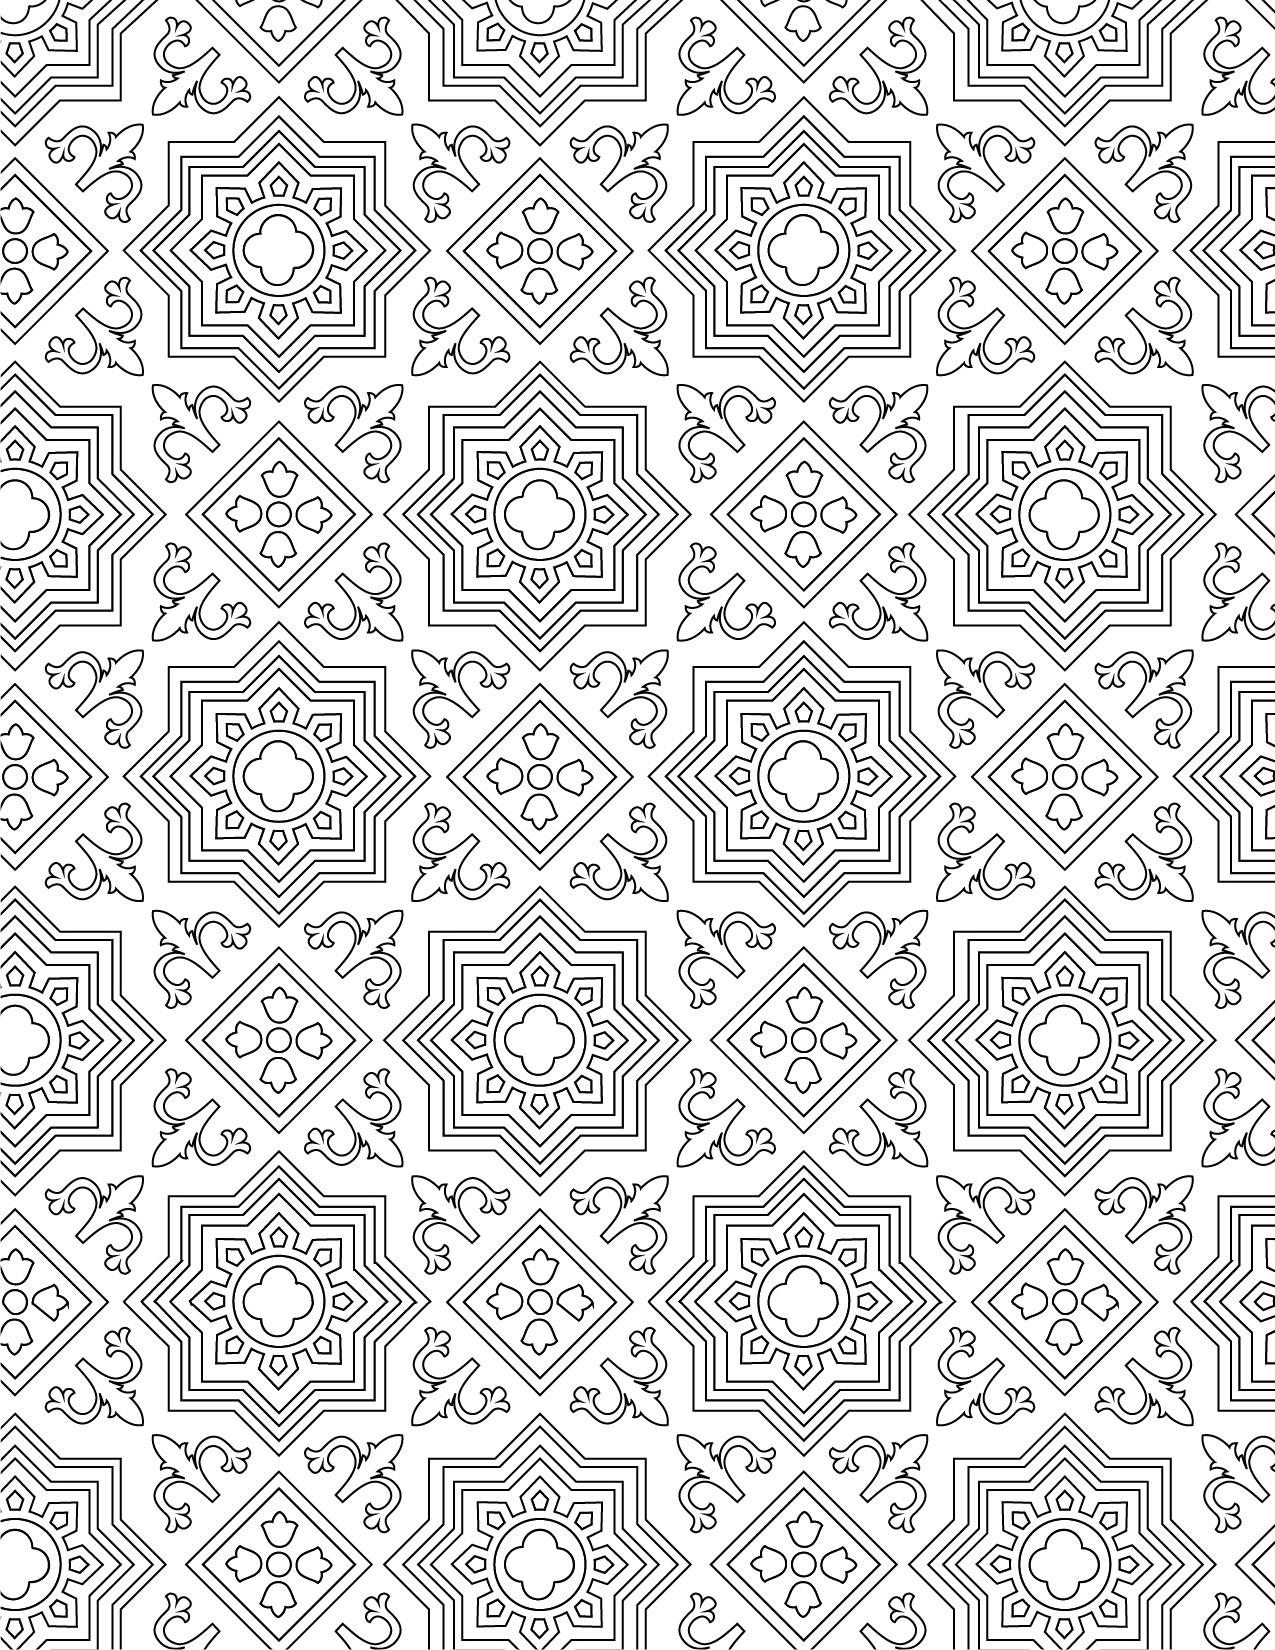 Imprimer coloriage gratuit motif mosaique - Dessine gratuit ...